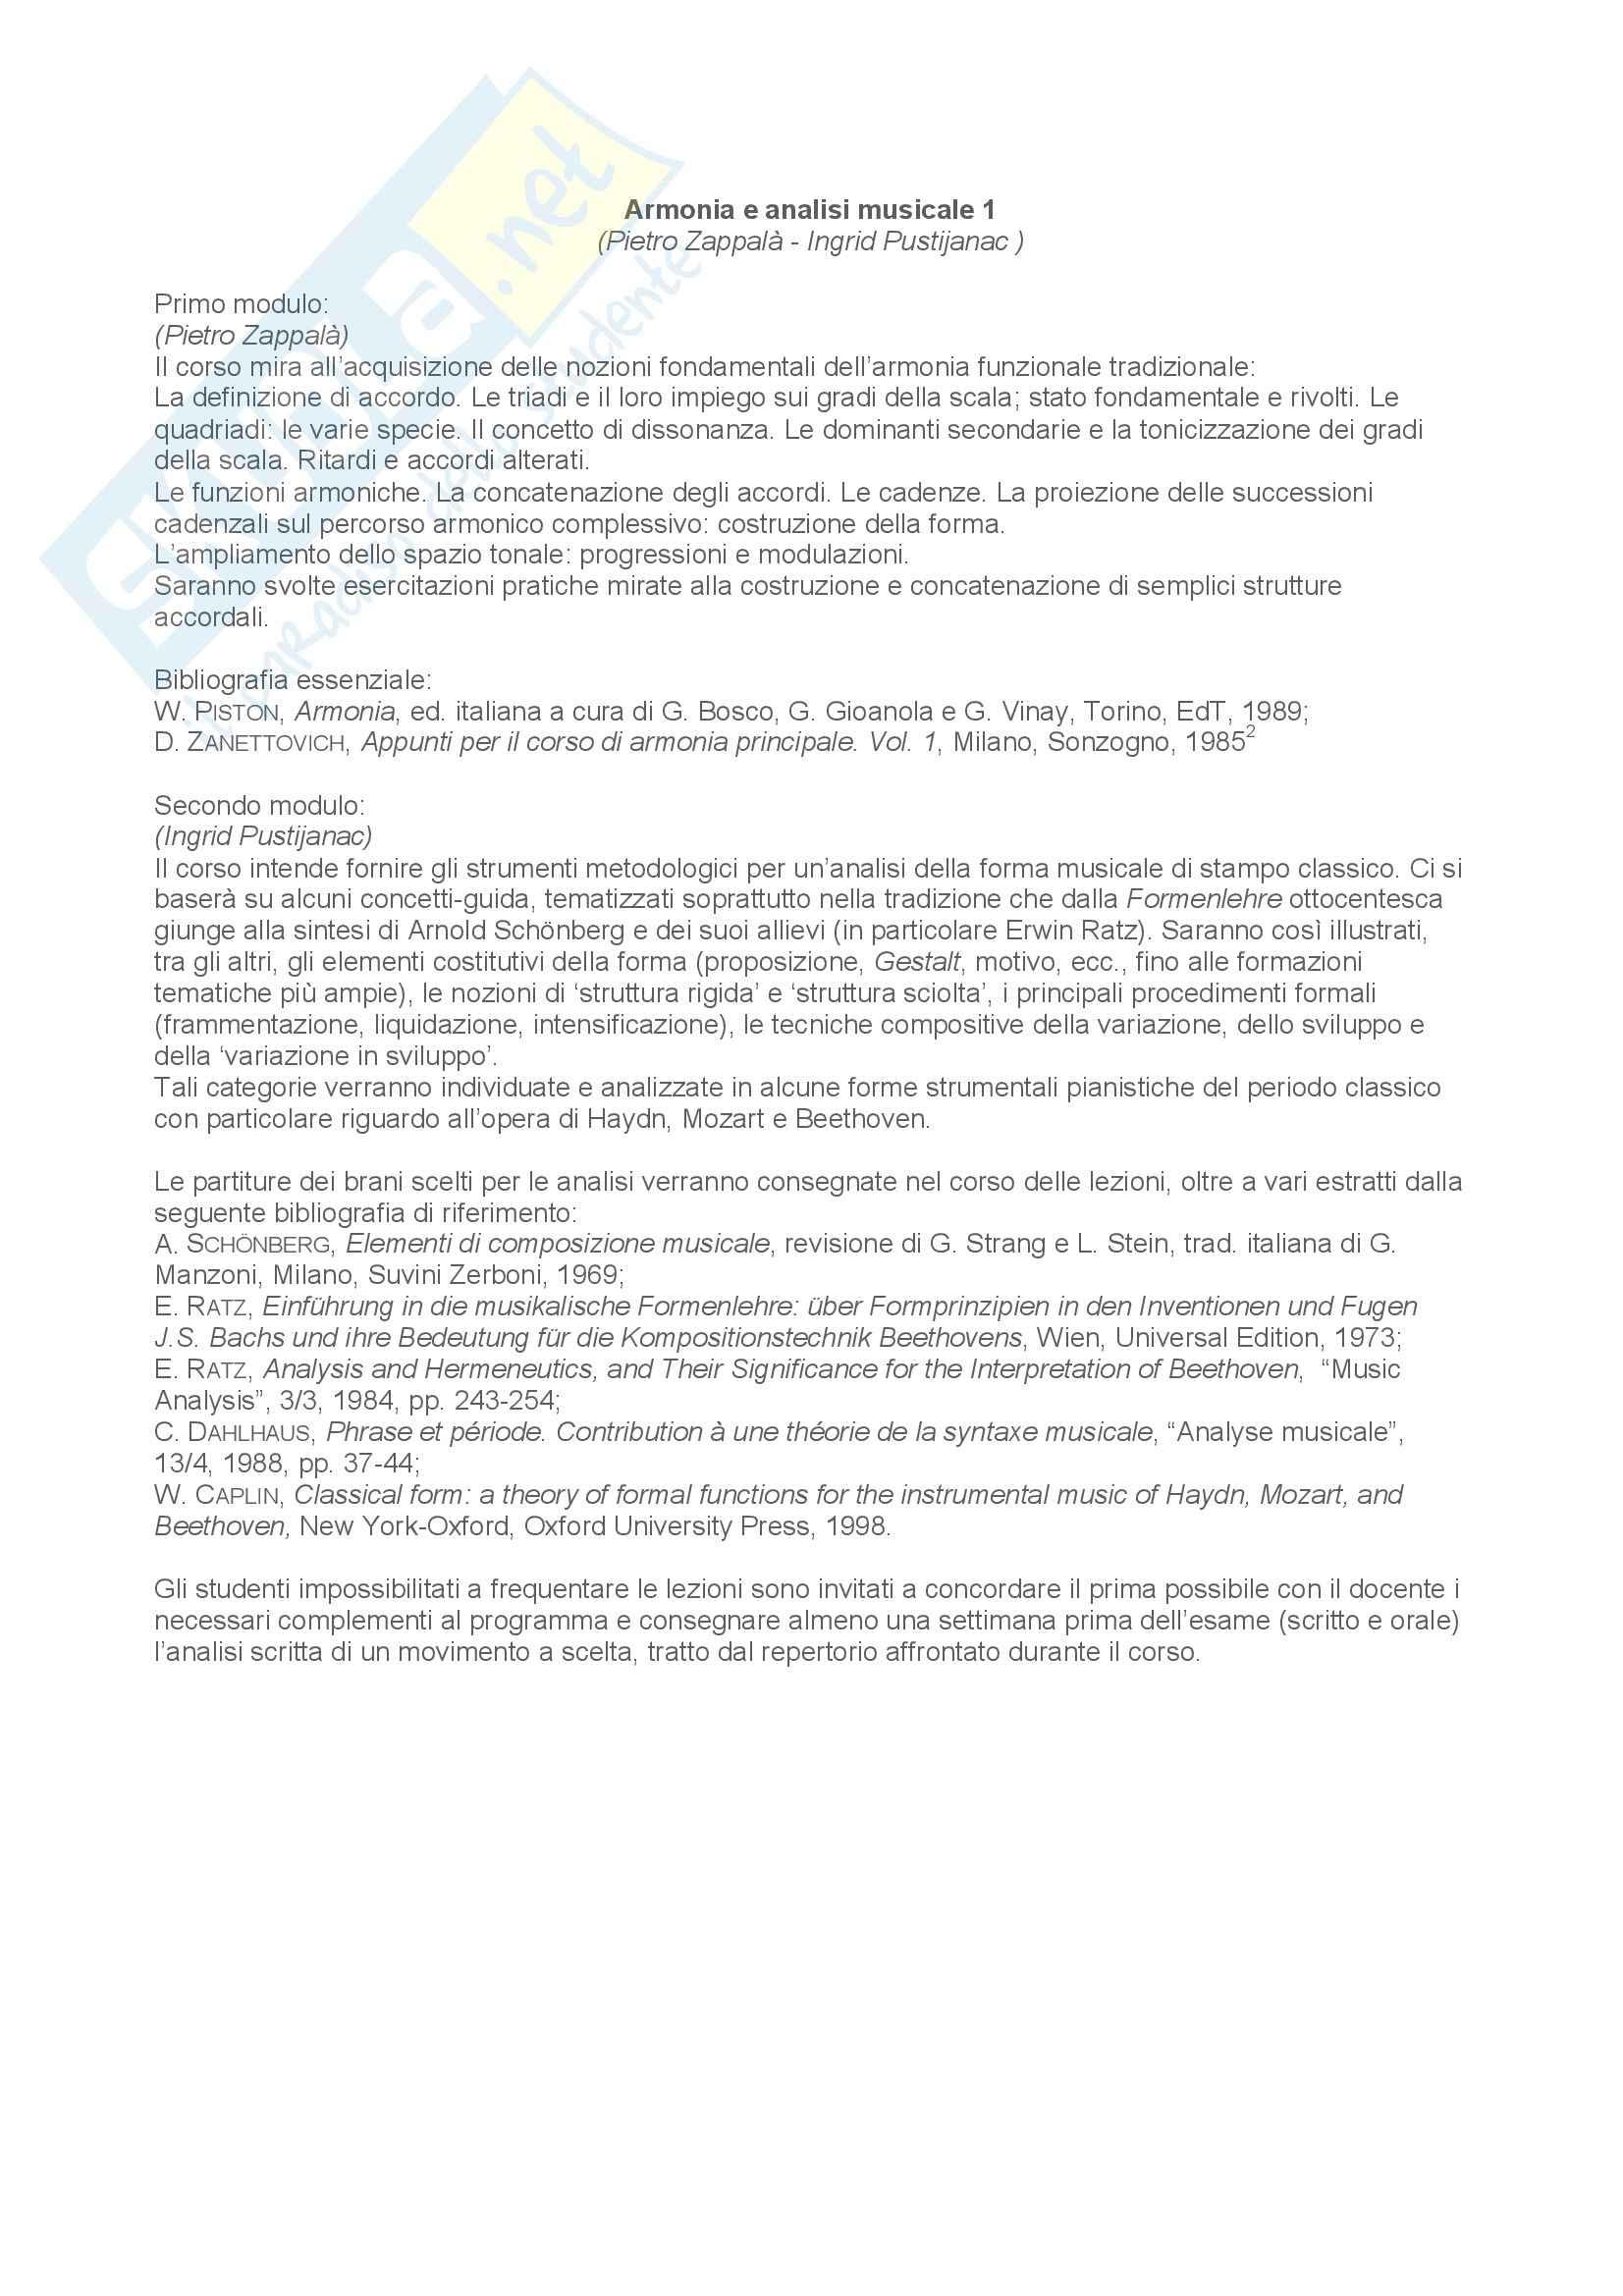 dispensa P. Zappalà Armonia e analisi musicale